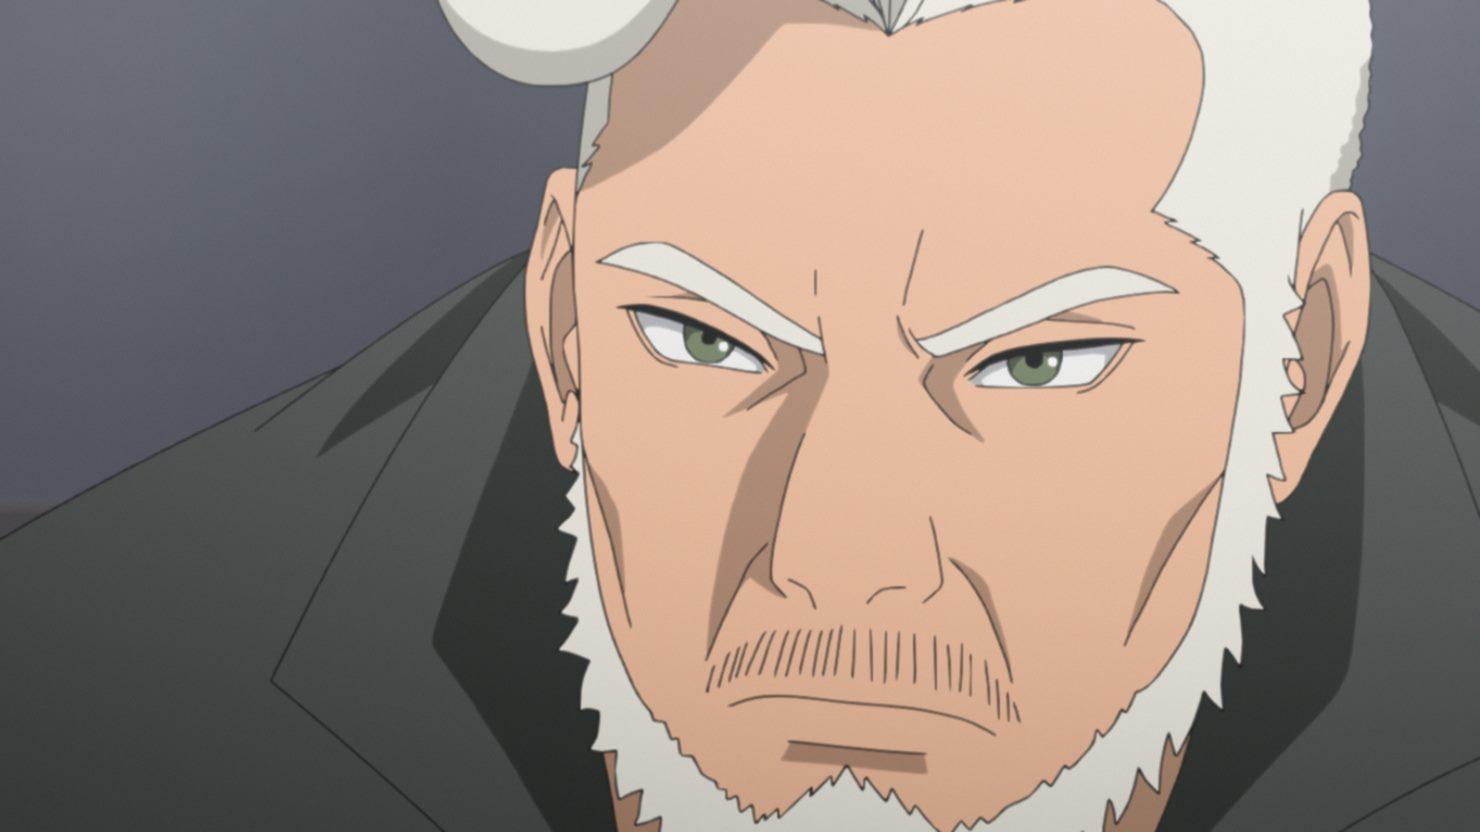 Episode 213: He speaks well